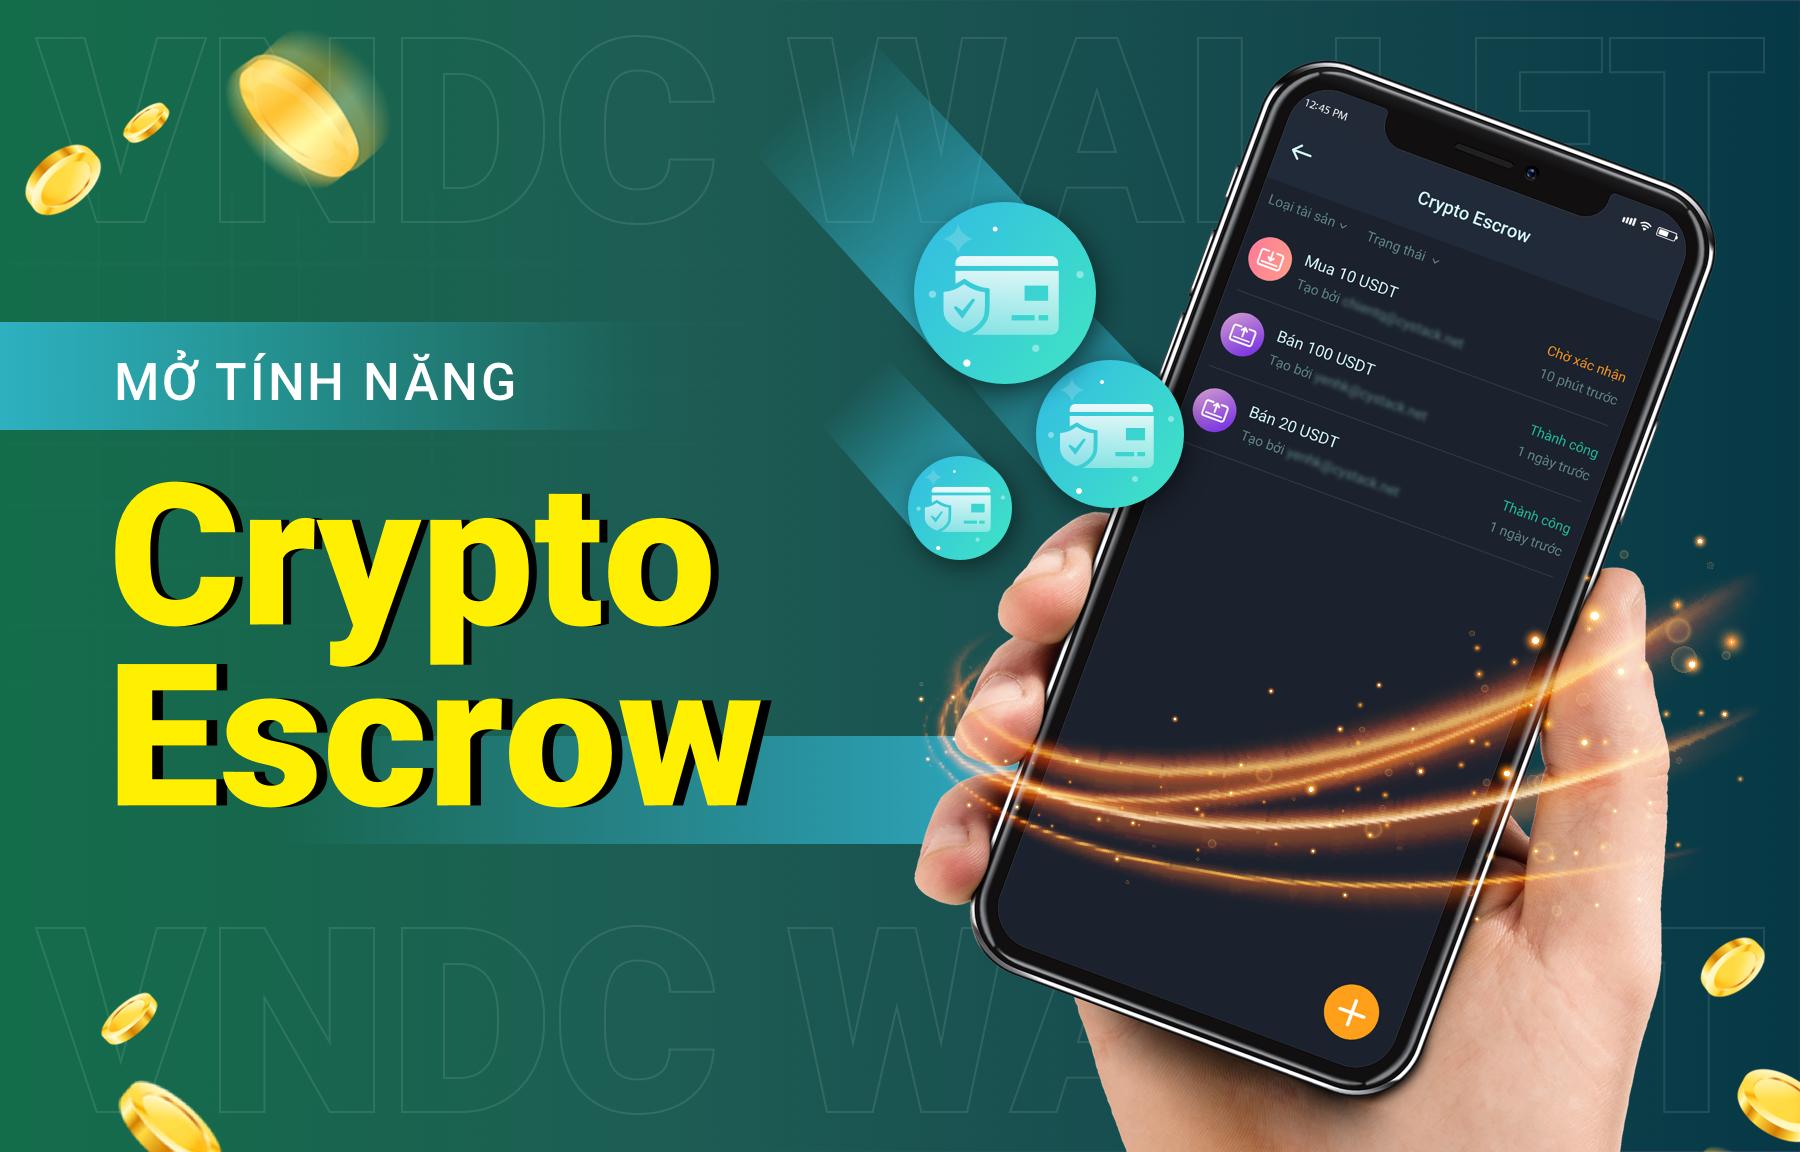 Giới thiệu tính năng Crypto Escrow trên VNDC Wallet